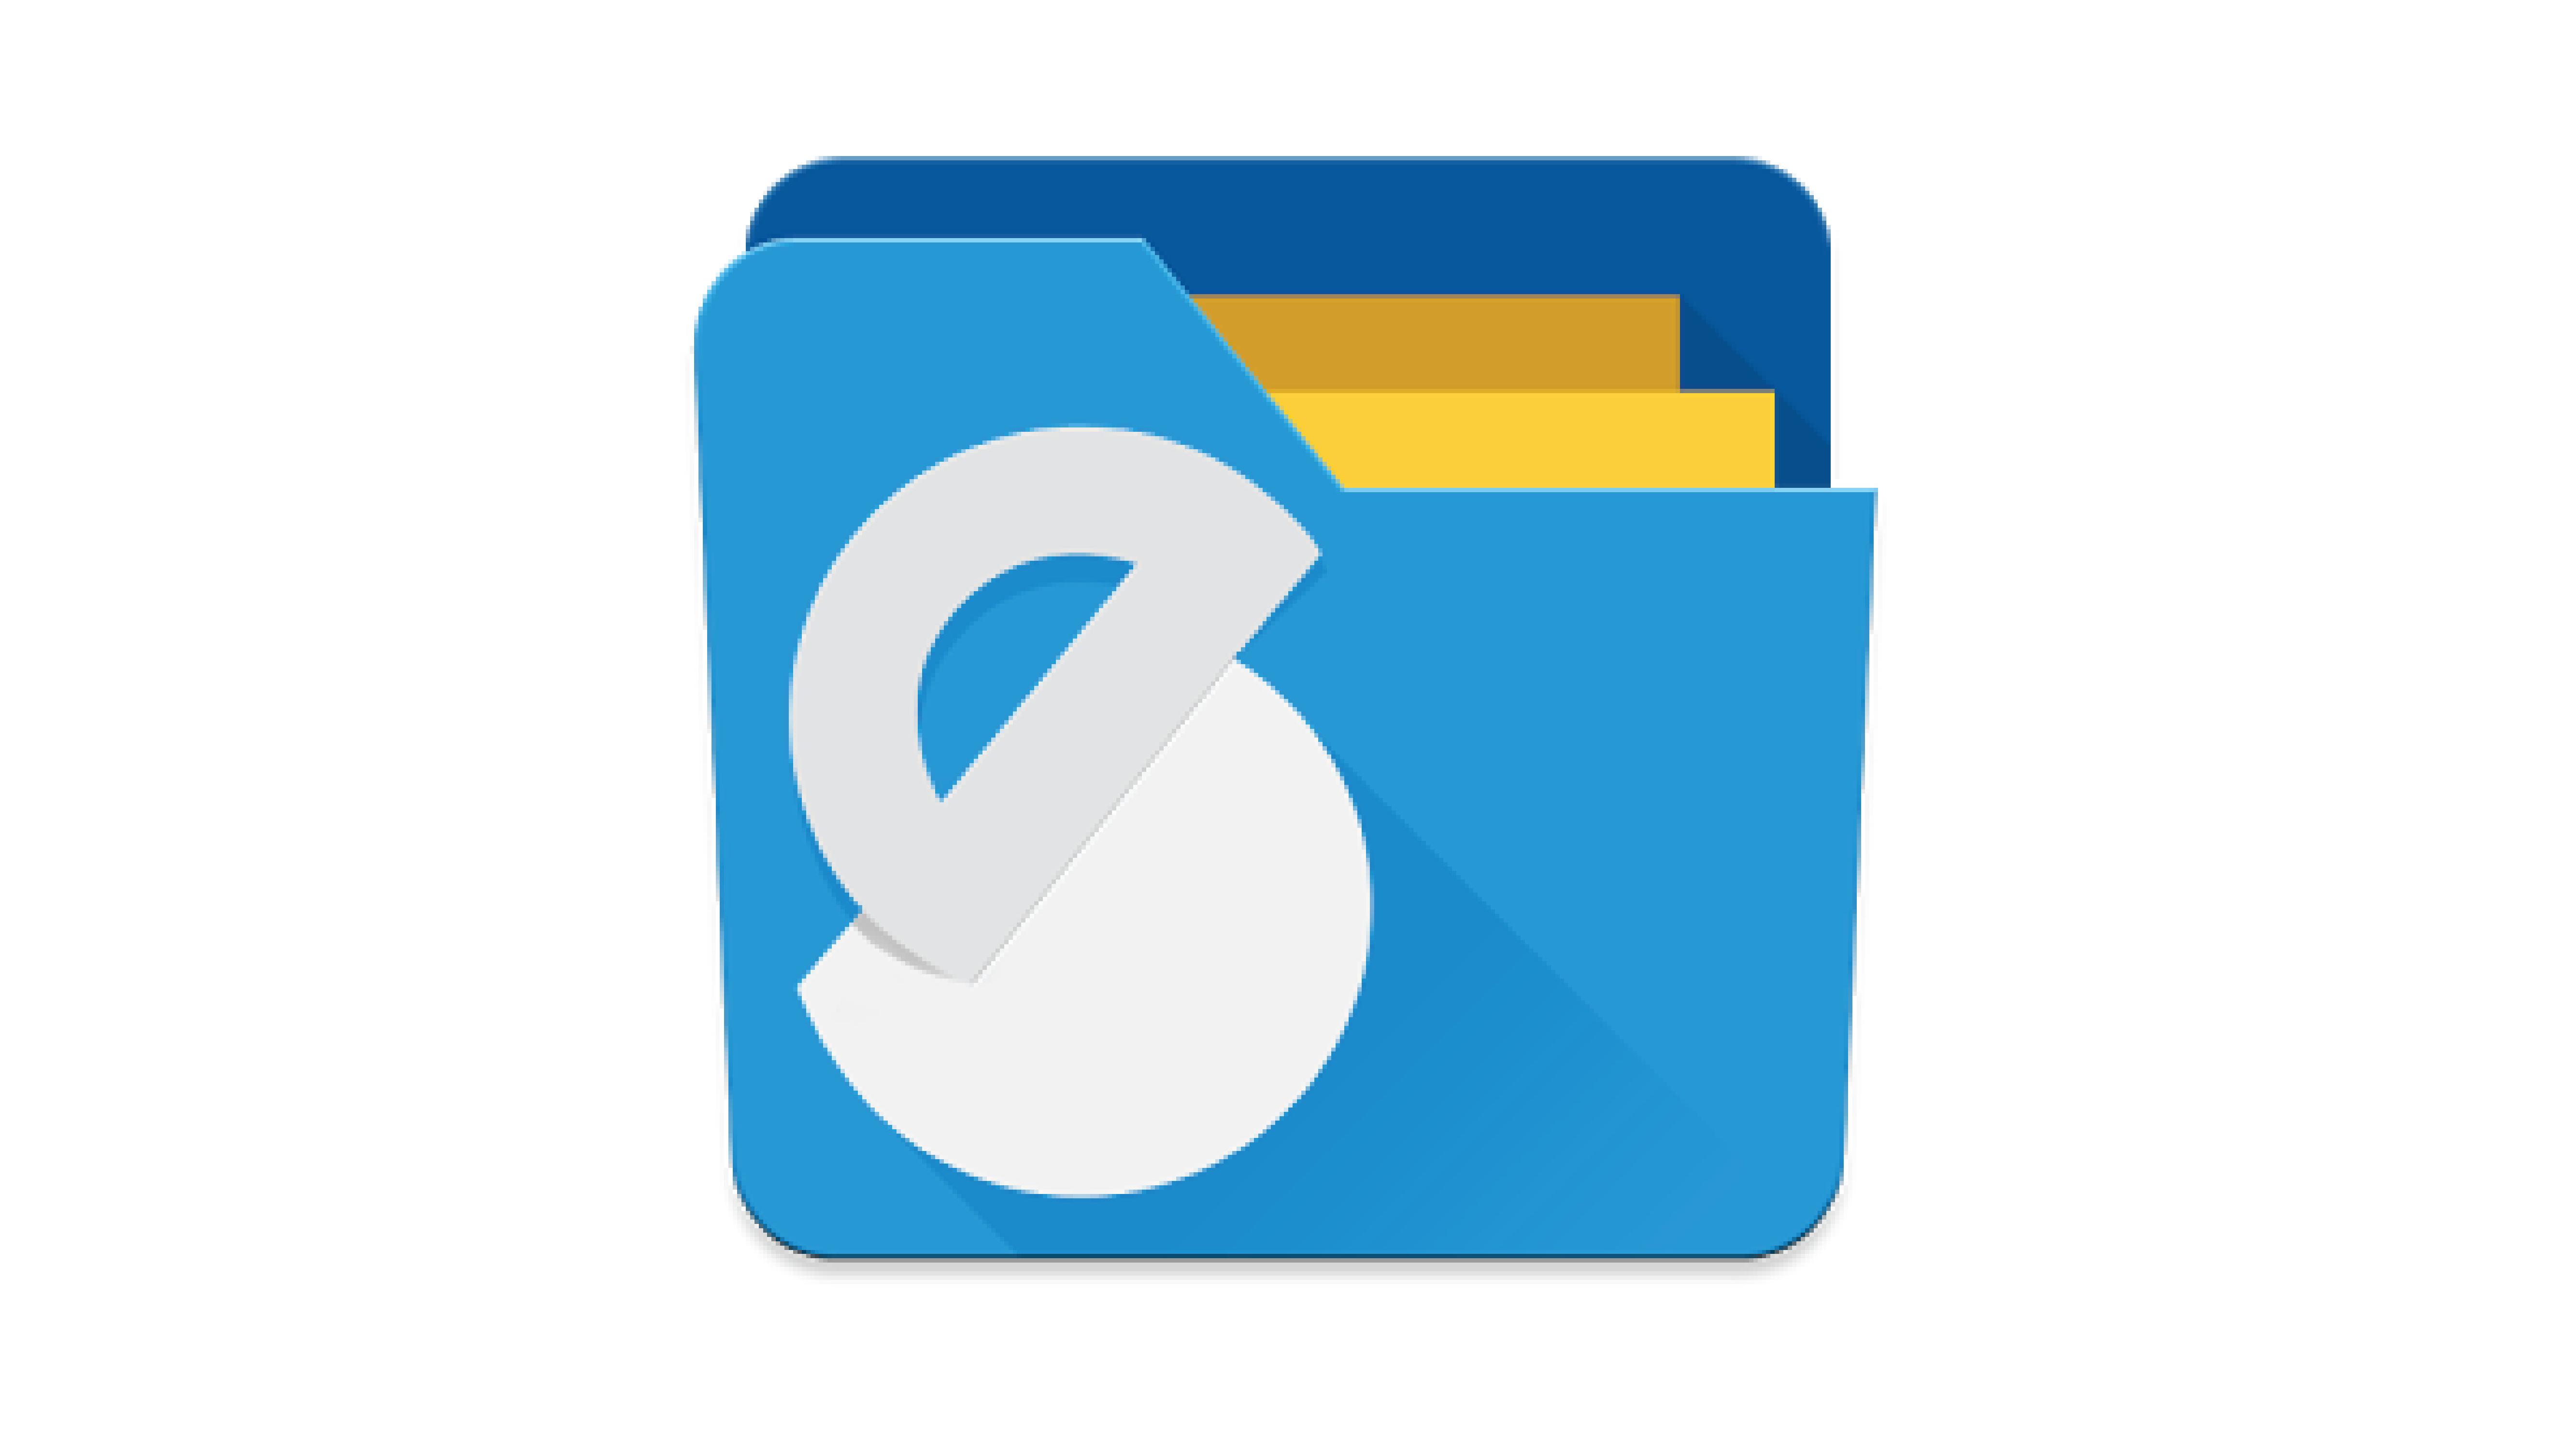 Solid Explorer 2.2.7 zobrazí systémové soubory bez nutnosti rootu, nové jsou i zkratky